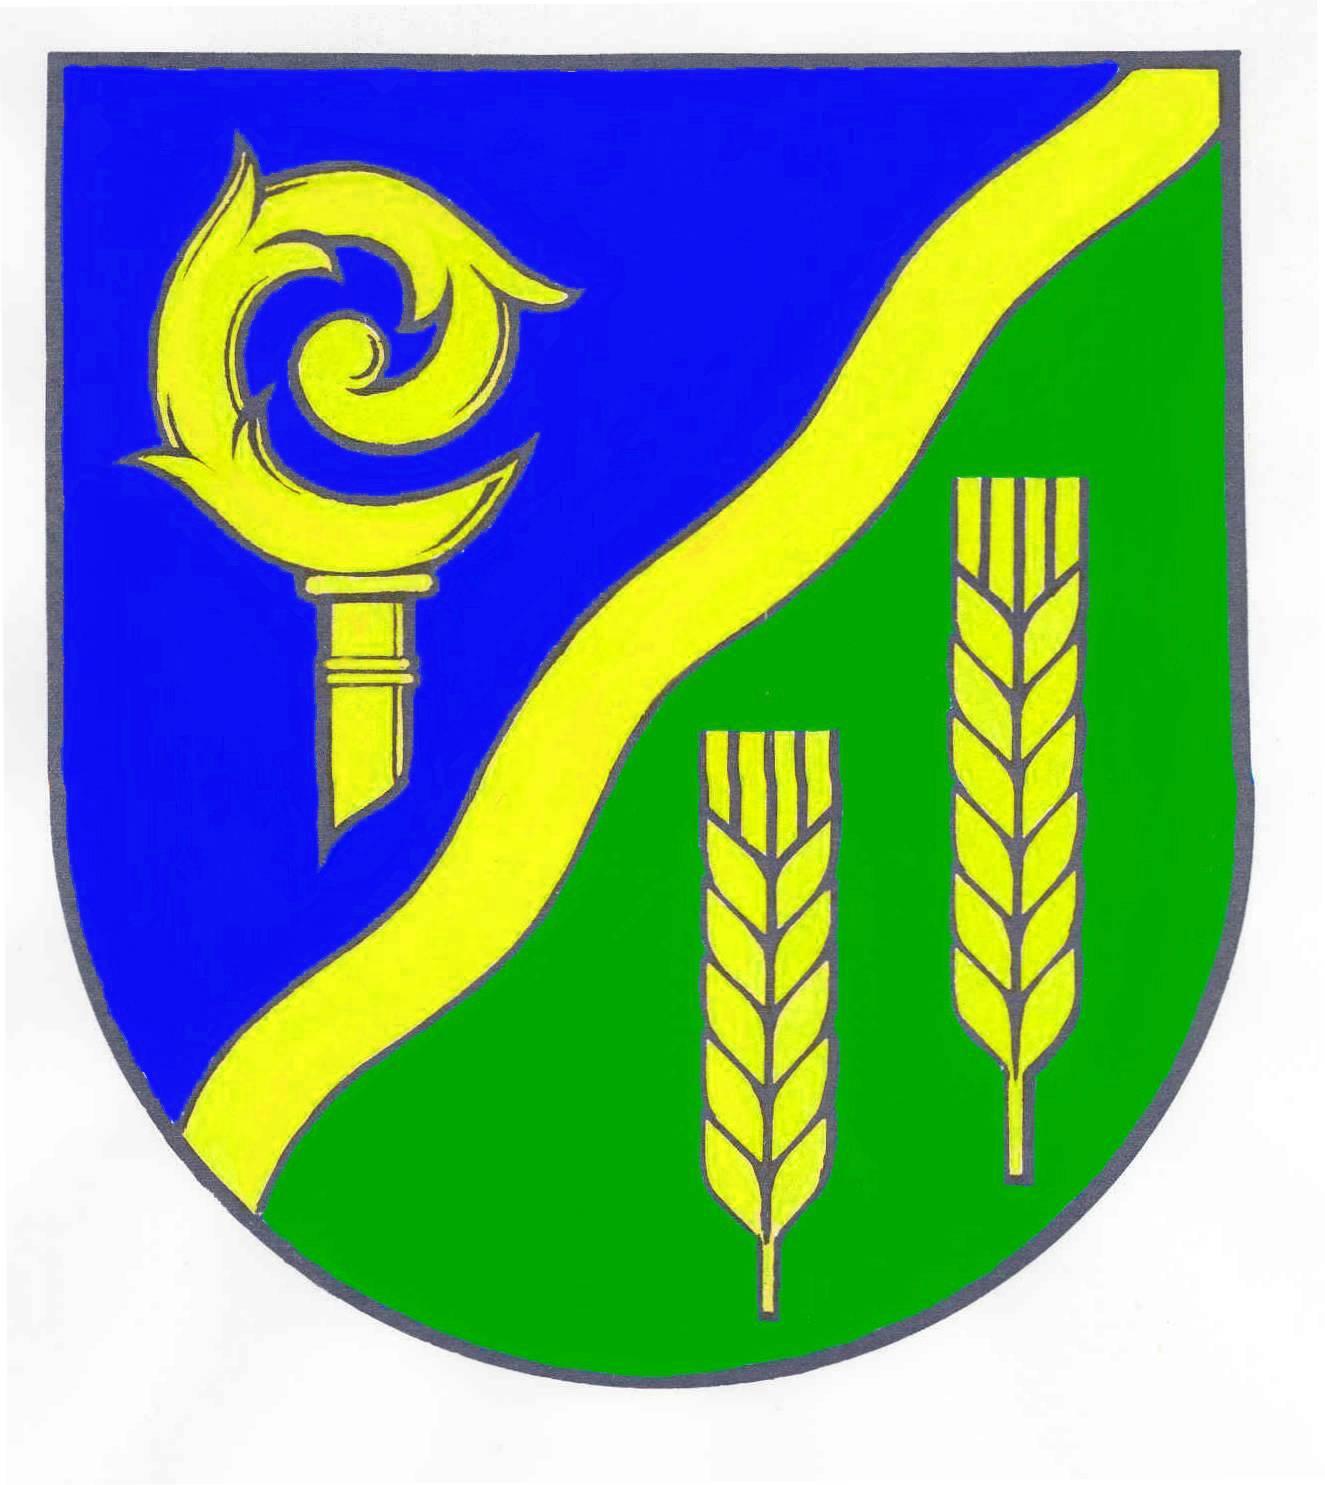 Wappen GemeindePrasdorf, Kreis Plön